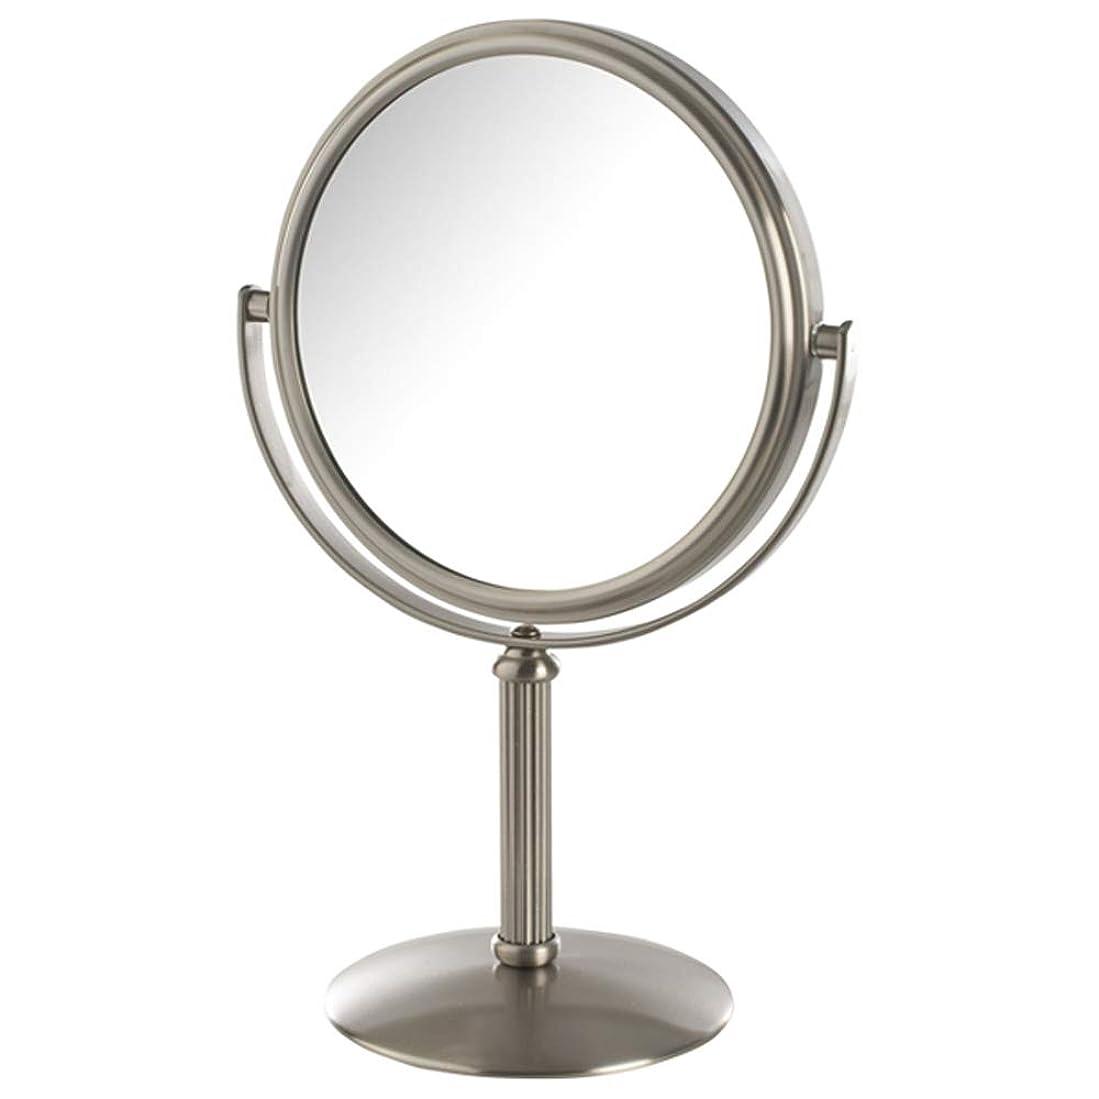 ニュースサイトライン話すJerdon(ジェルドン) / MC105N (ニッケル) 拡大鏡 [鏡面 約14cm / 高さ 約25cm] 【5倍率】 卓上型テーブルミラー